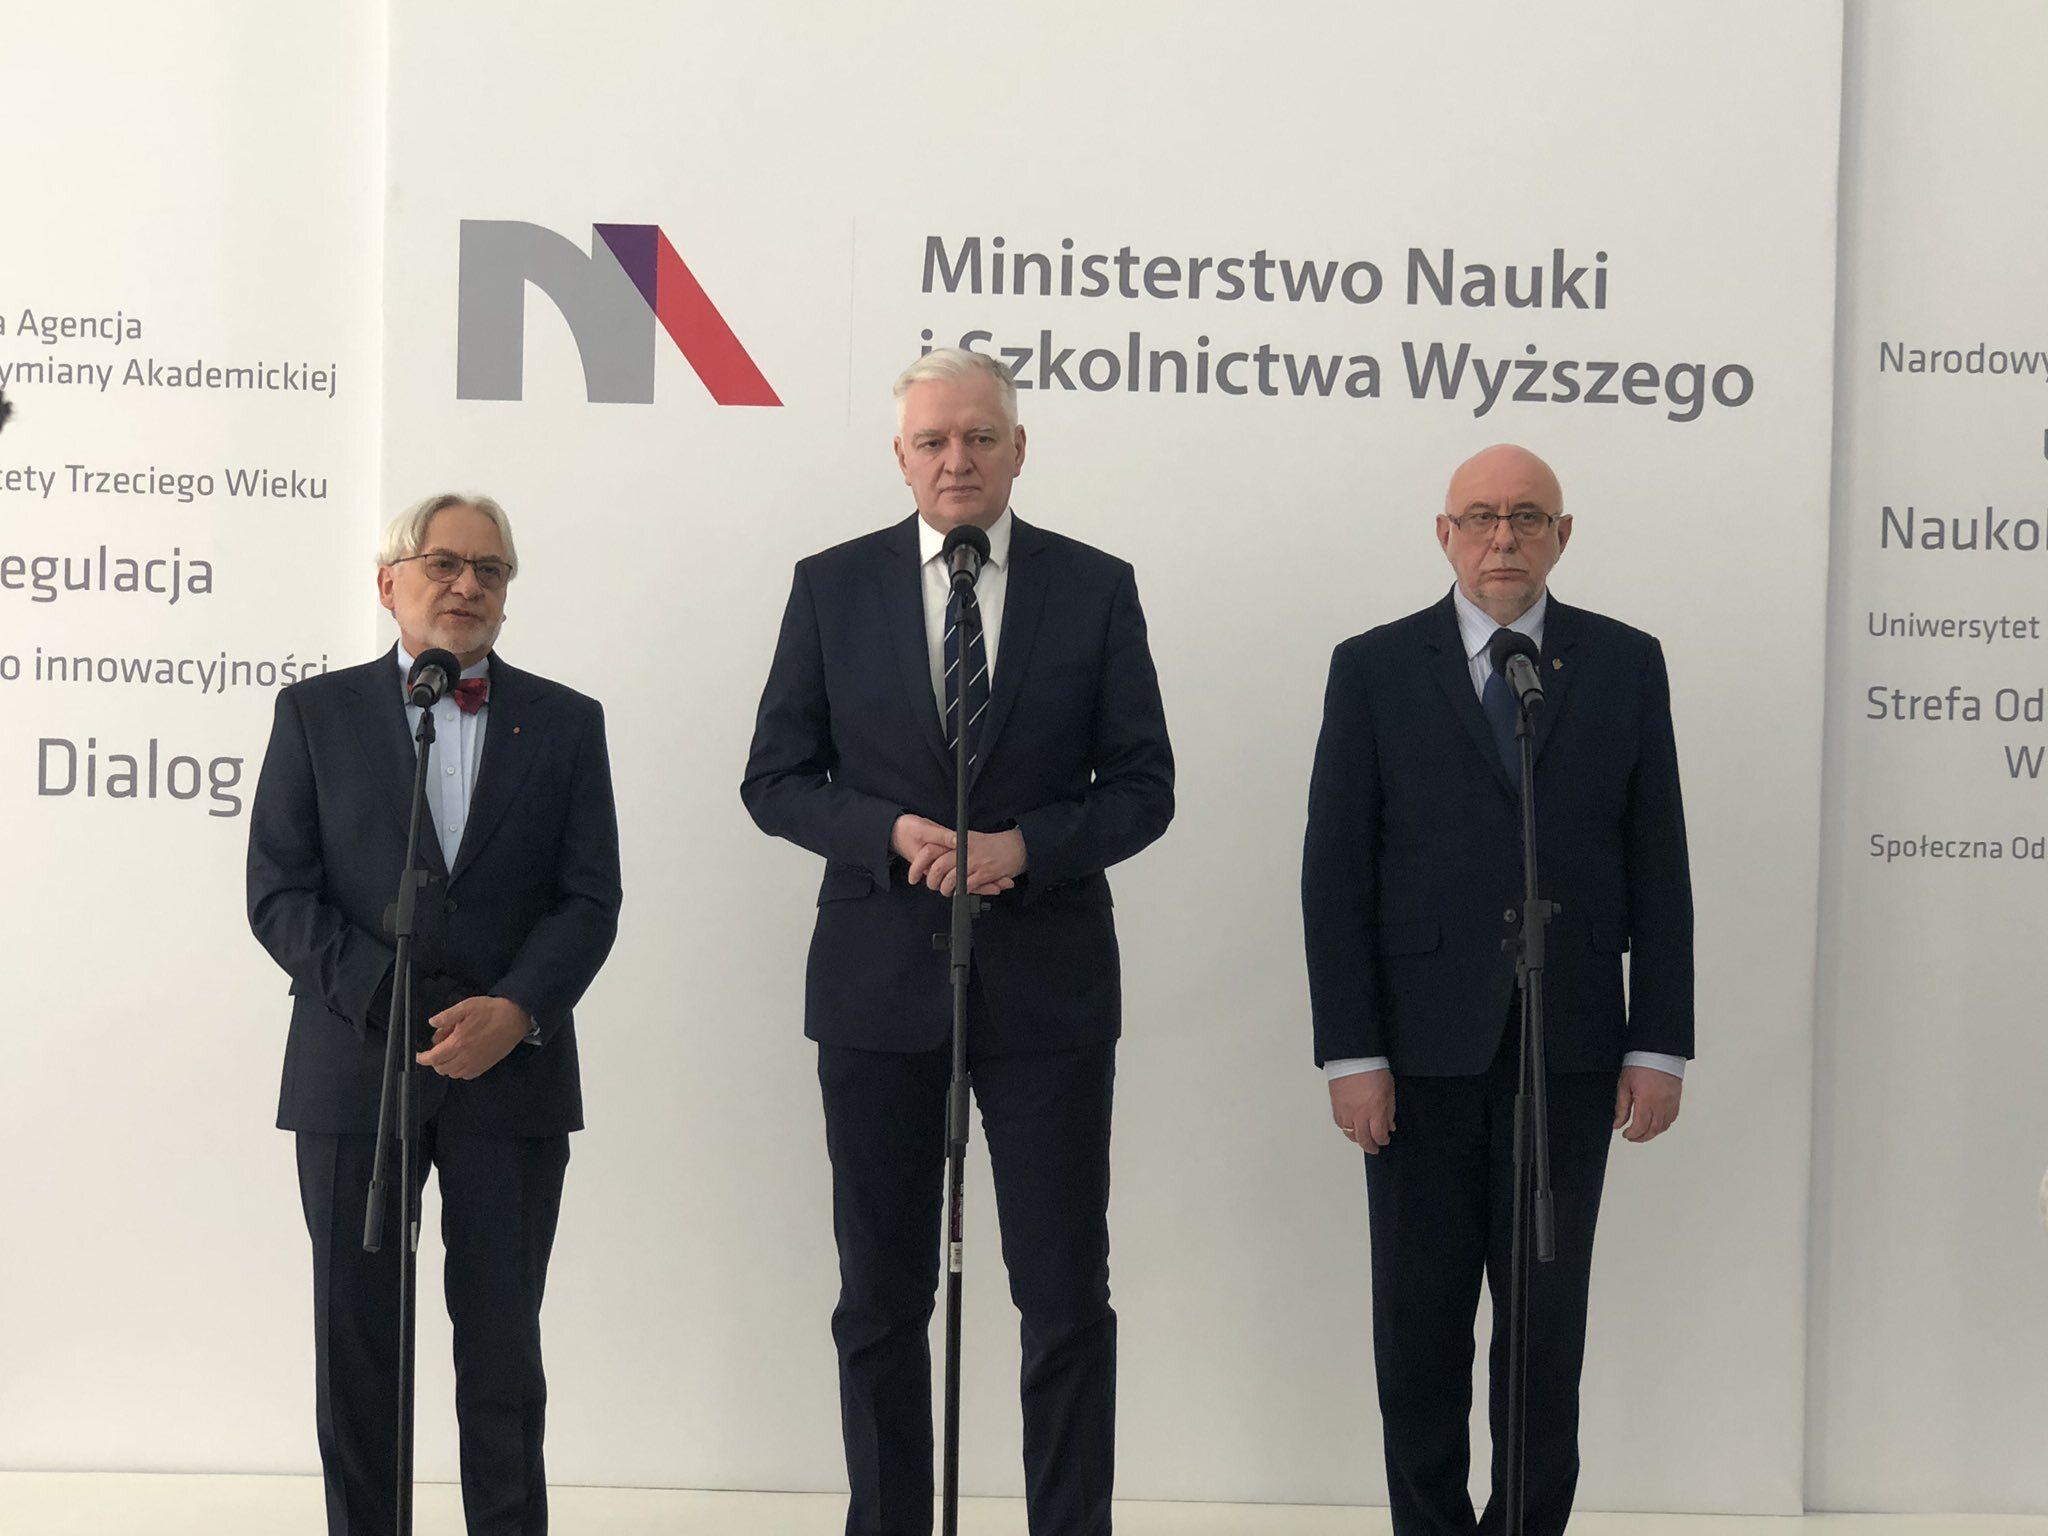 Konferencja z udziałem ministra Jarosława Gowina